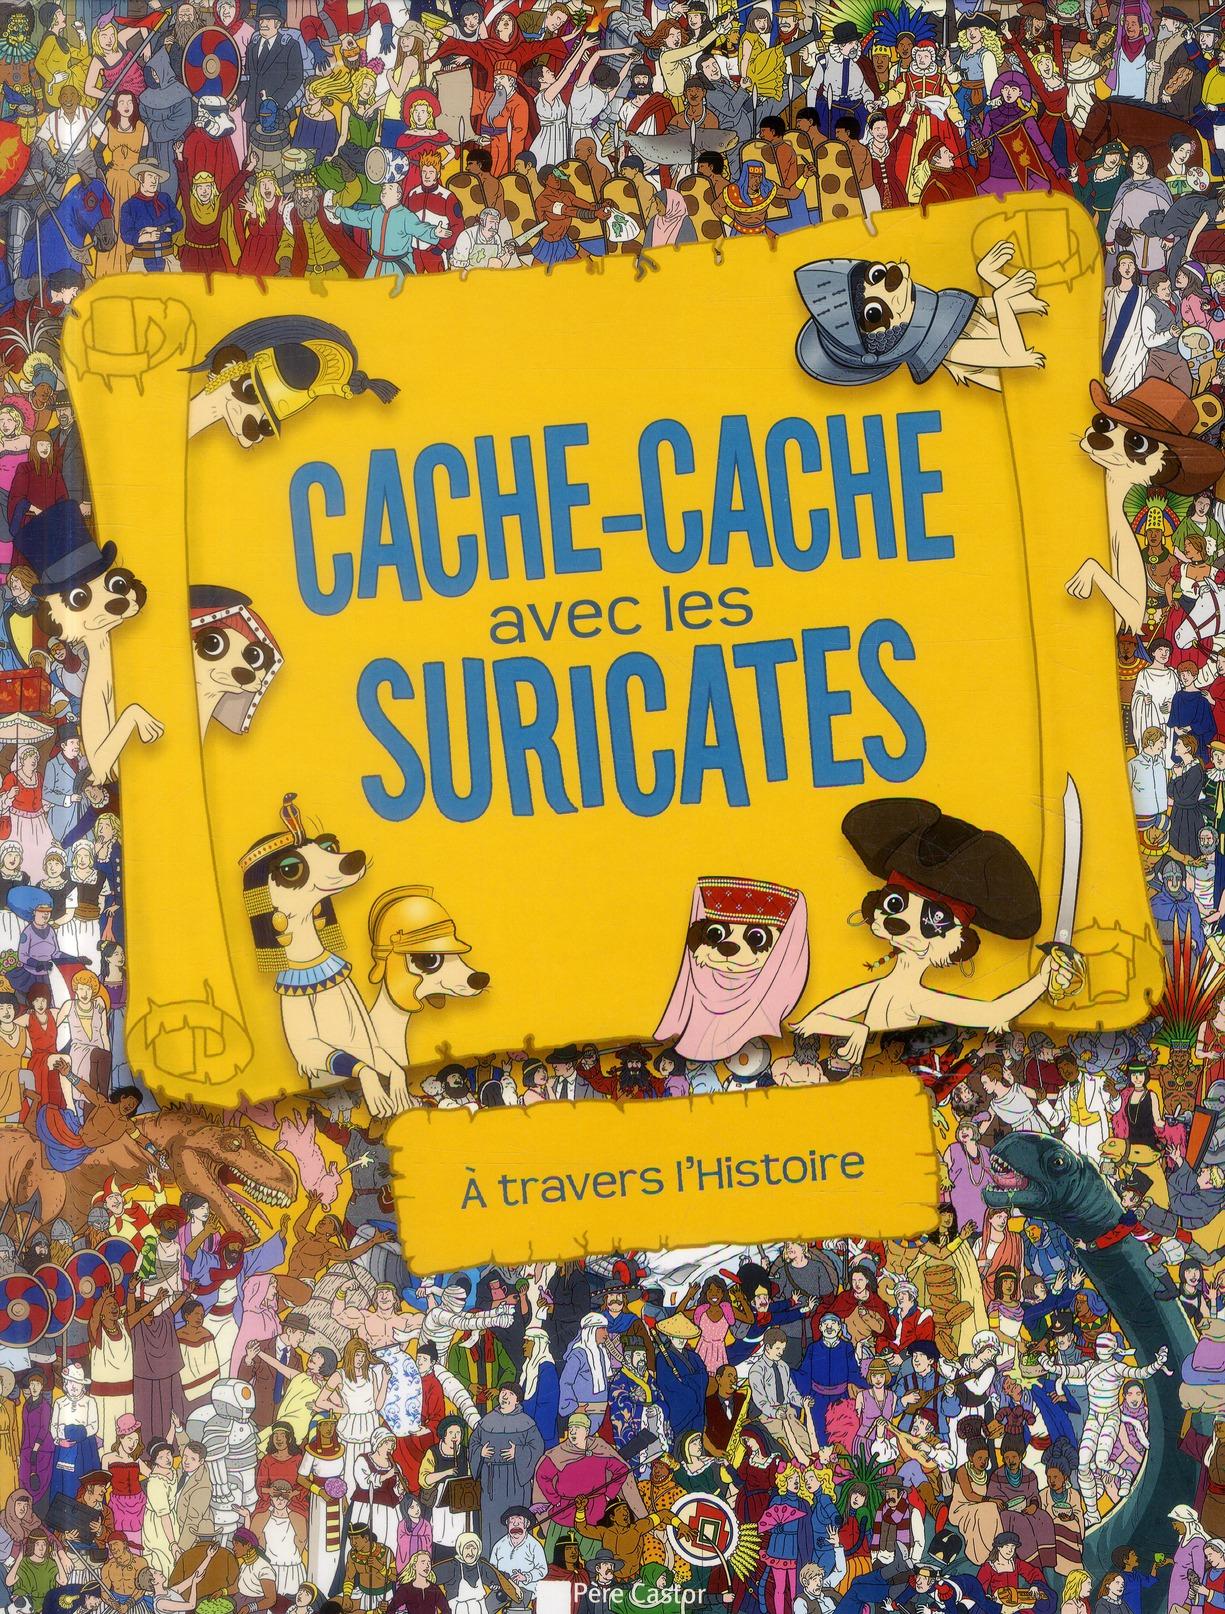 CACHE-CACHE AVEC LES SURICATES - A TRAVERS L'HISTOIRE